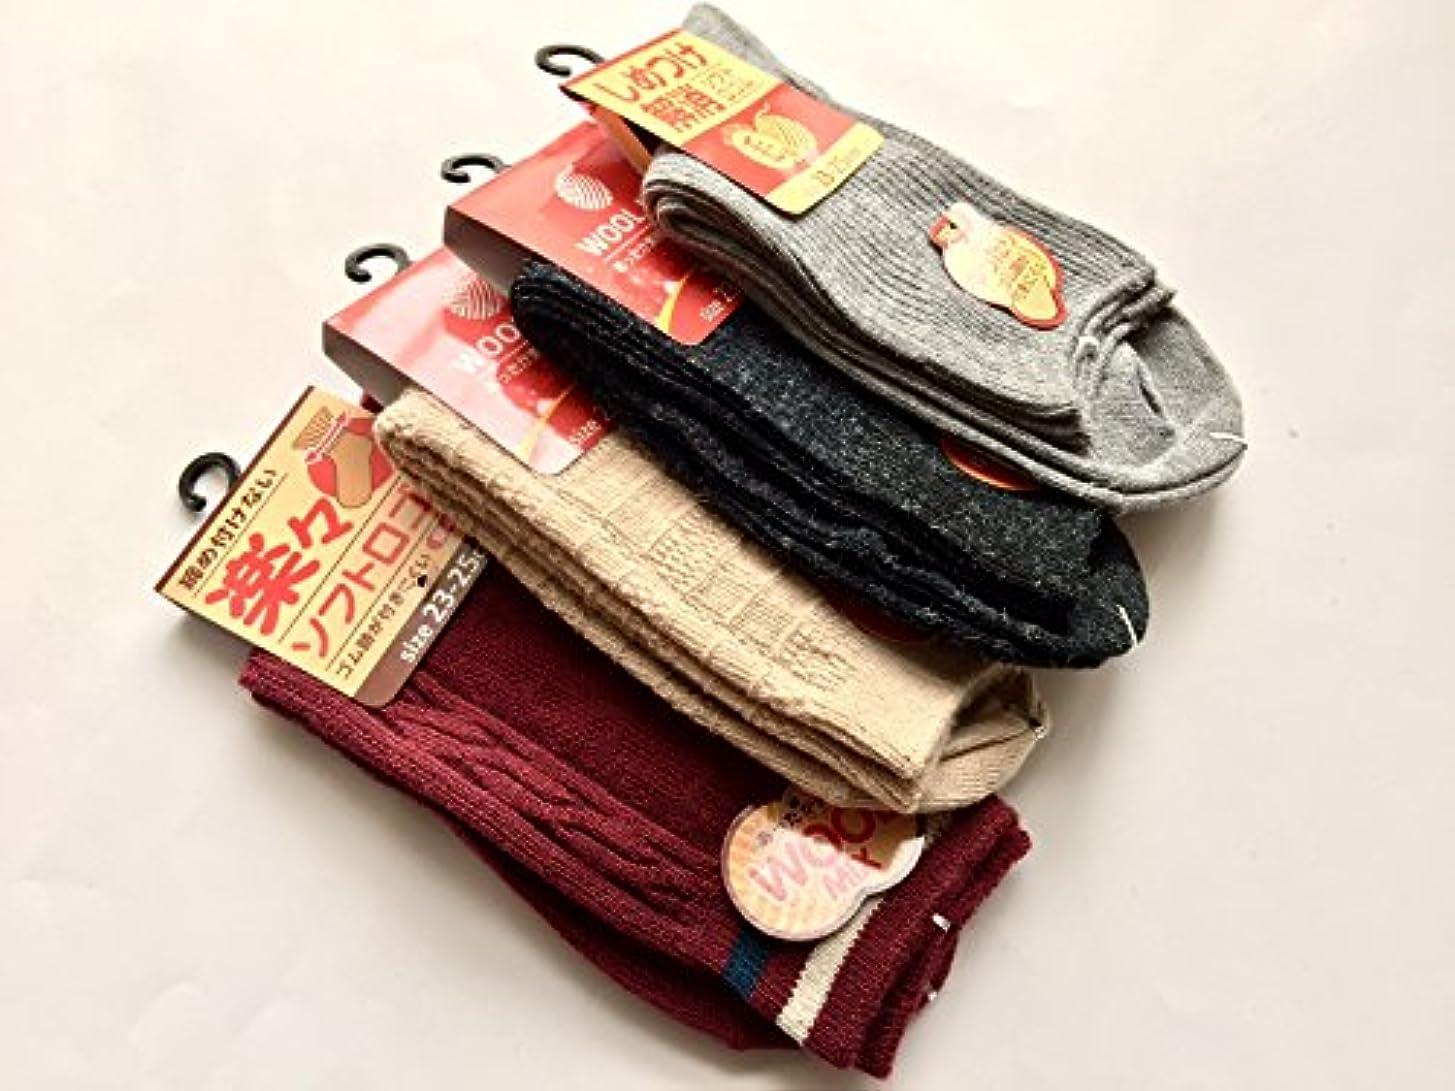 アラビア語ベスビオ山置換靴下 レディース あったか 毛混 口ゴムゆったり 23-25cm お買得4足組(柄はお任せ)